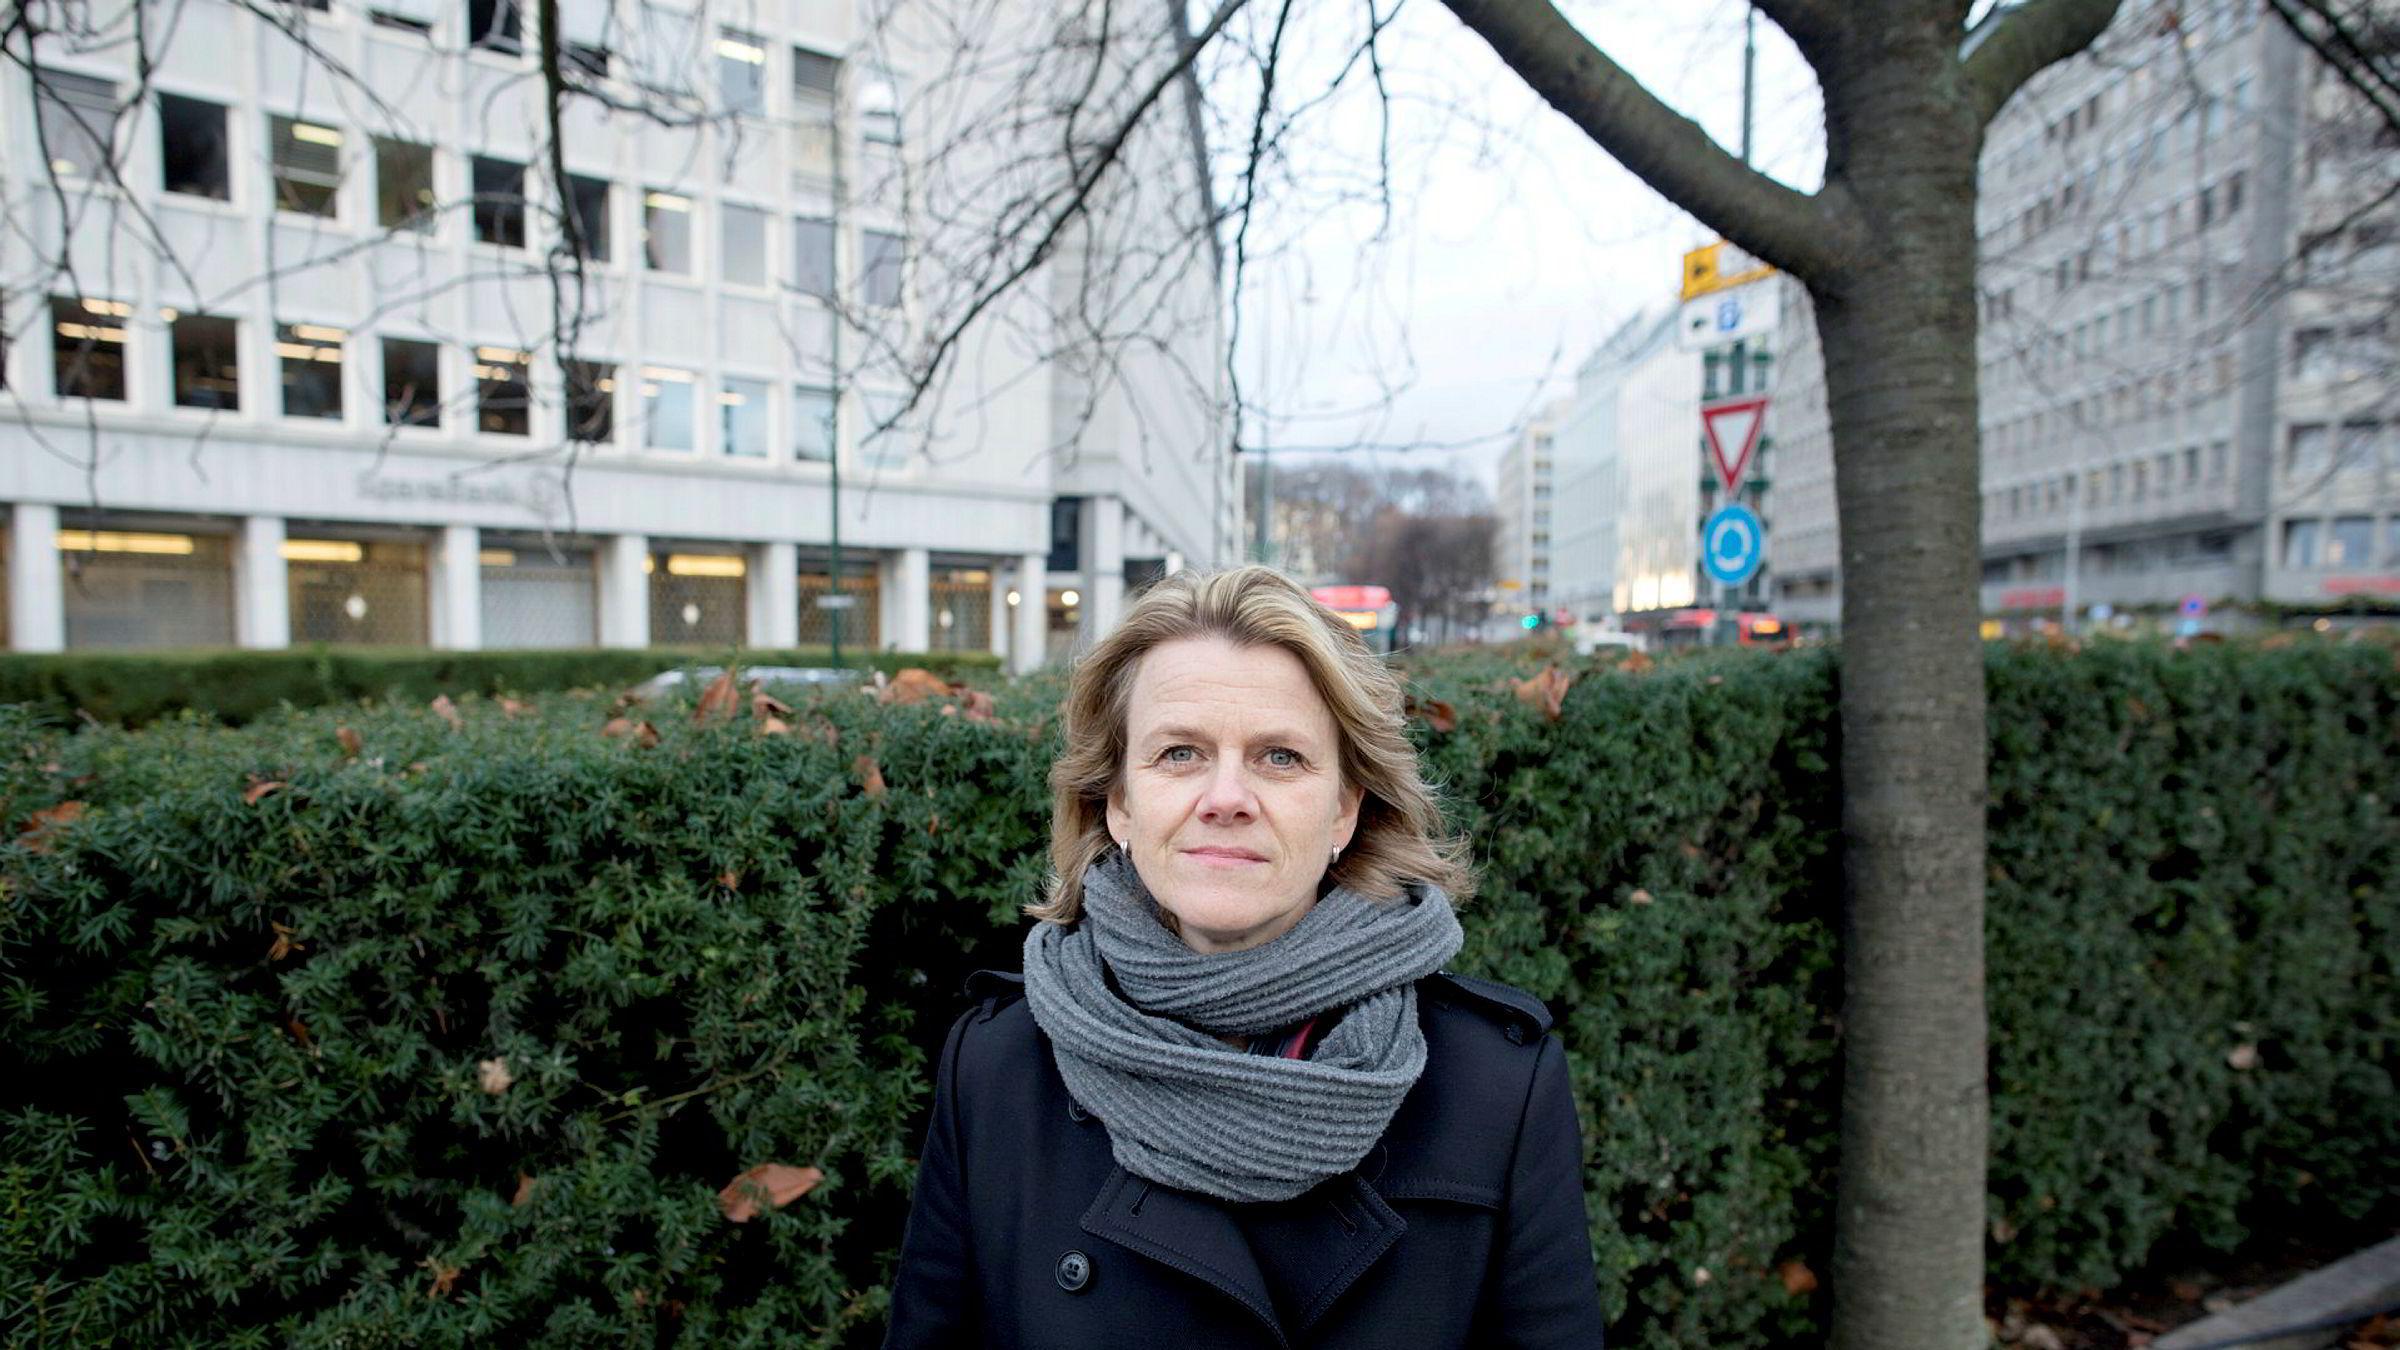 Prorektor og professor Hilde C. Bjørnland ved Handelshøyskolen BI er skuffet over at DNB ikke kutter renten raskere for sine boliglånskunder.